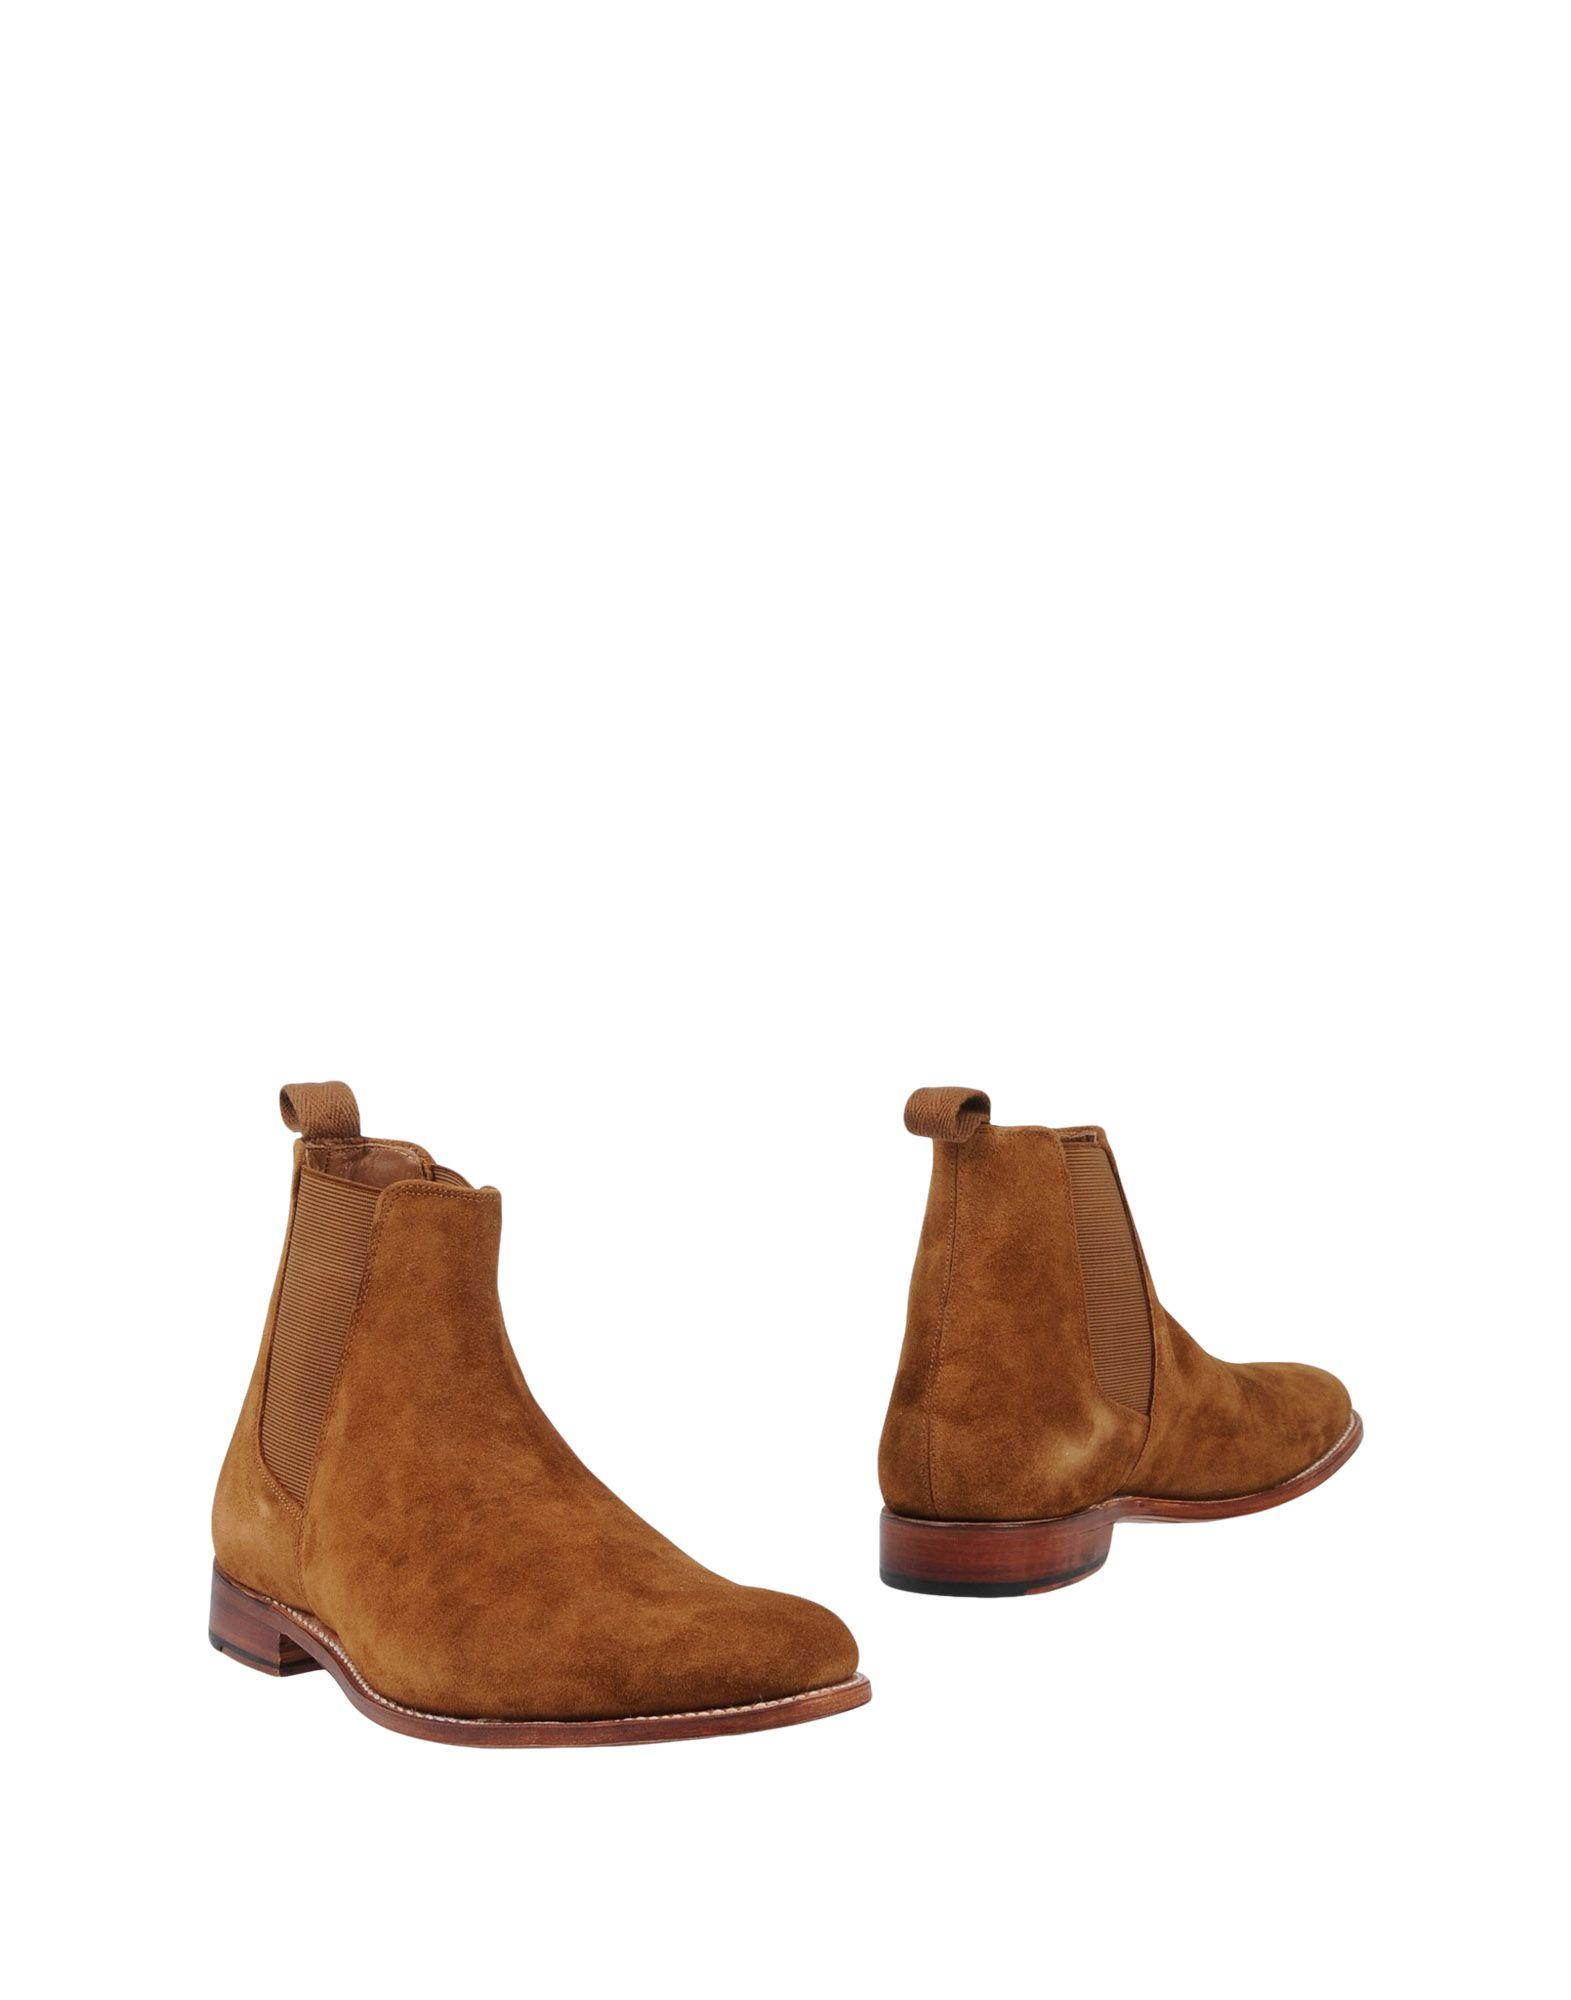 Grenson Stiefelette Herren  Schuhe 11426523PN Gute Qualität beliebte Schuhe  7b7996